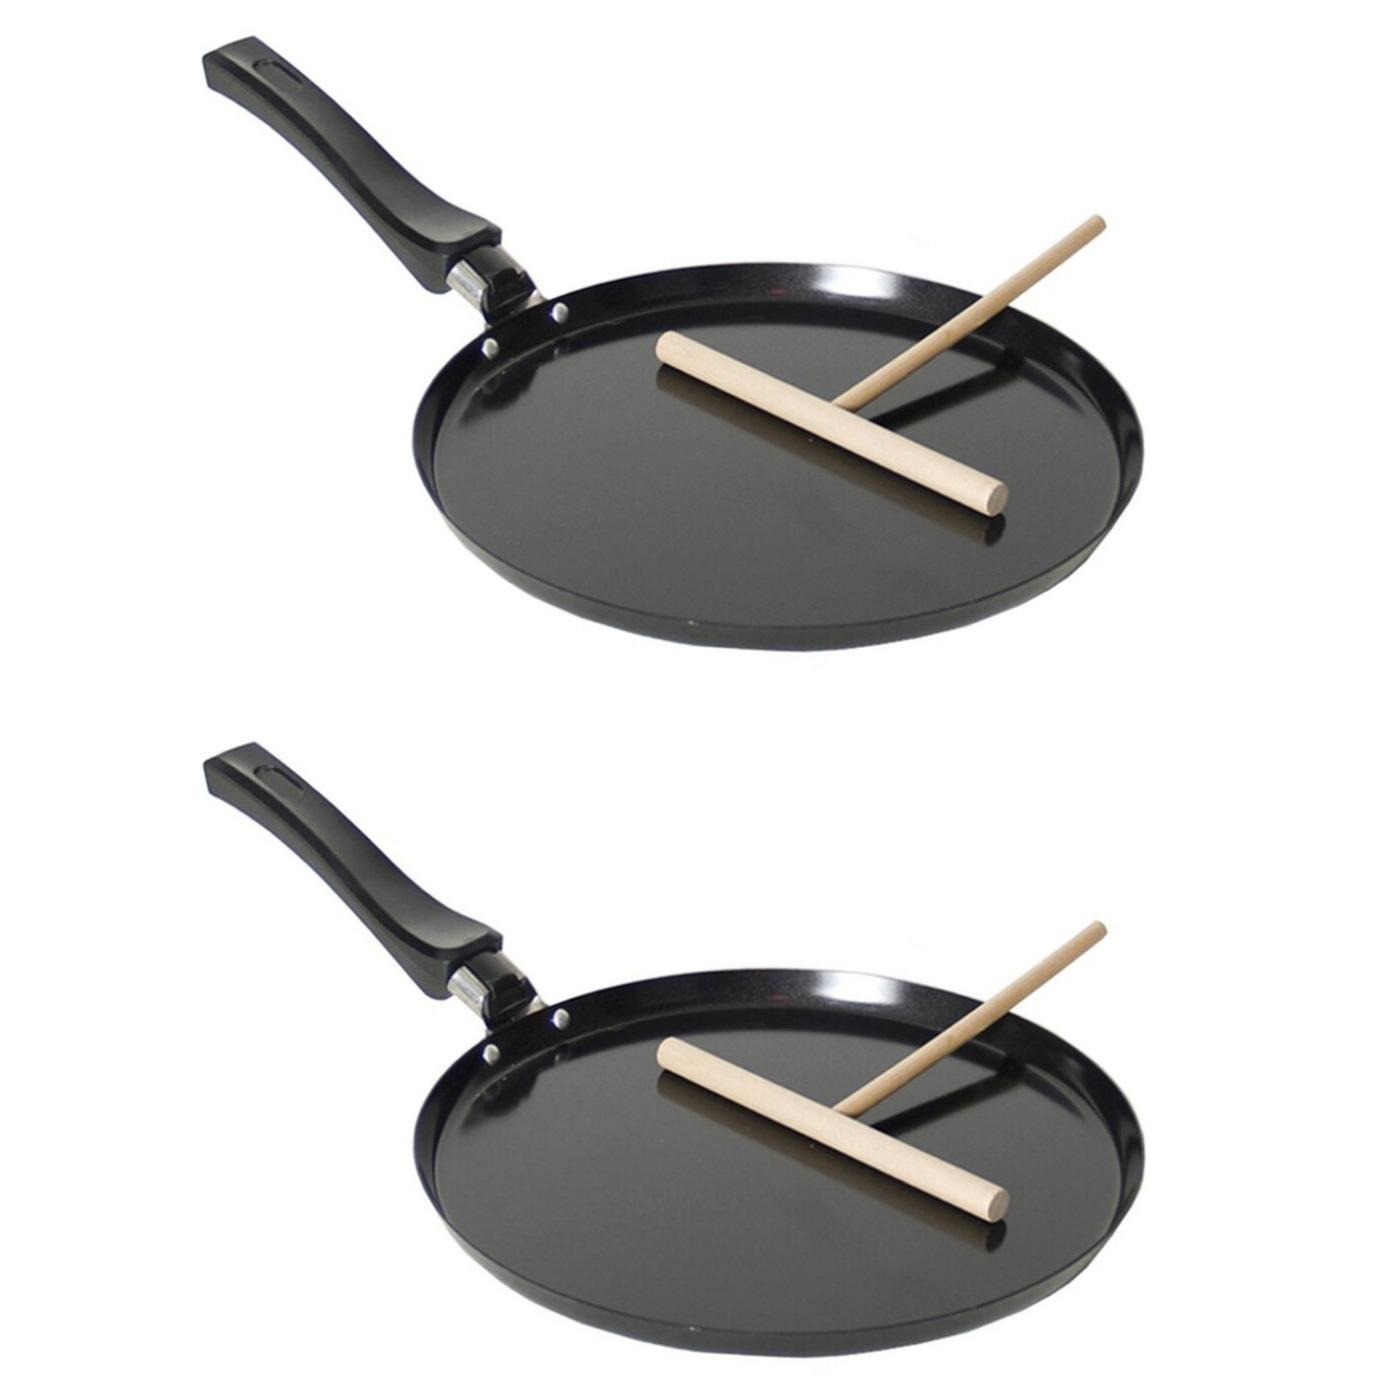 2x stuks zwarte pannenkoekenpannen voor alle hittebronnen 24 cm met houten beslag verdeler